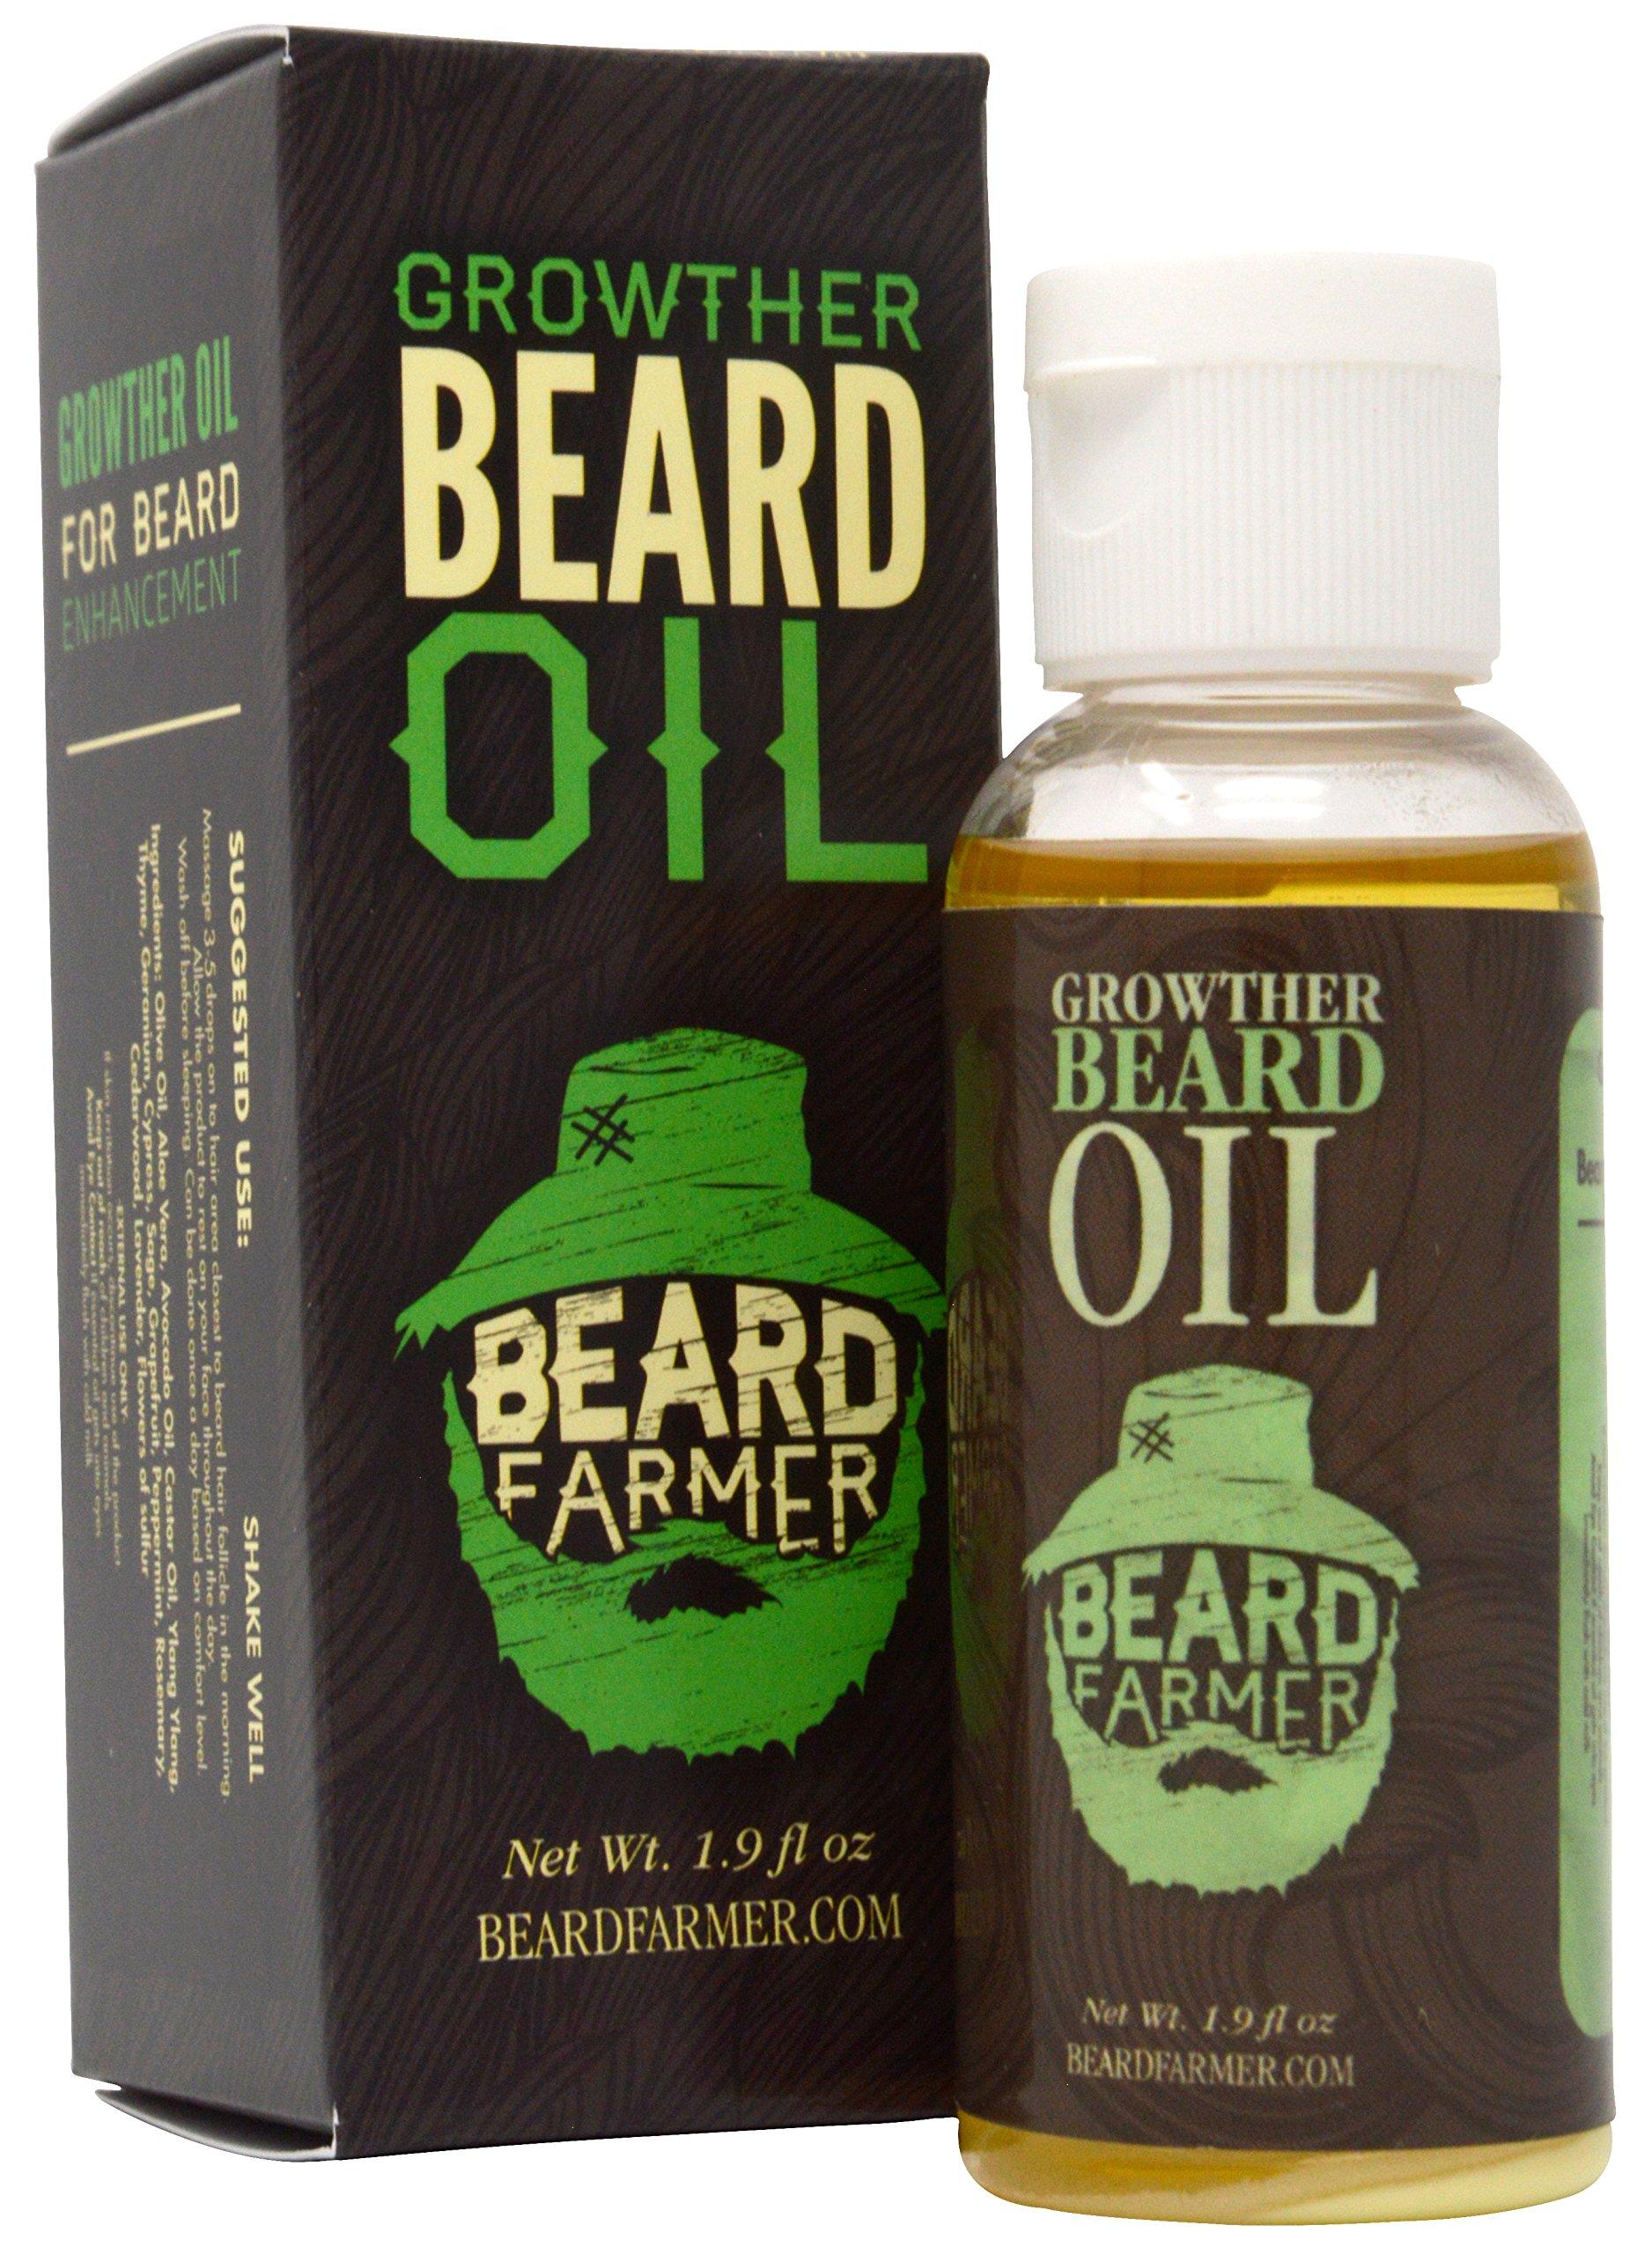 Beard Farmer - Growther Beard Oil (Grow Your Beard Fast) All Natural Beard Growth Oil